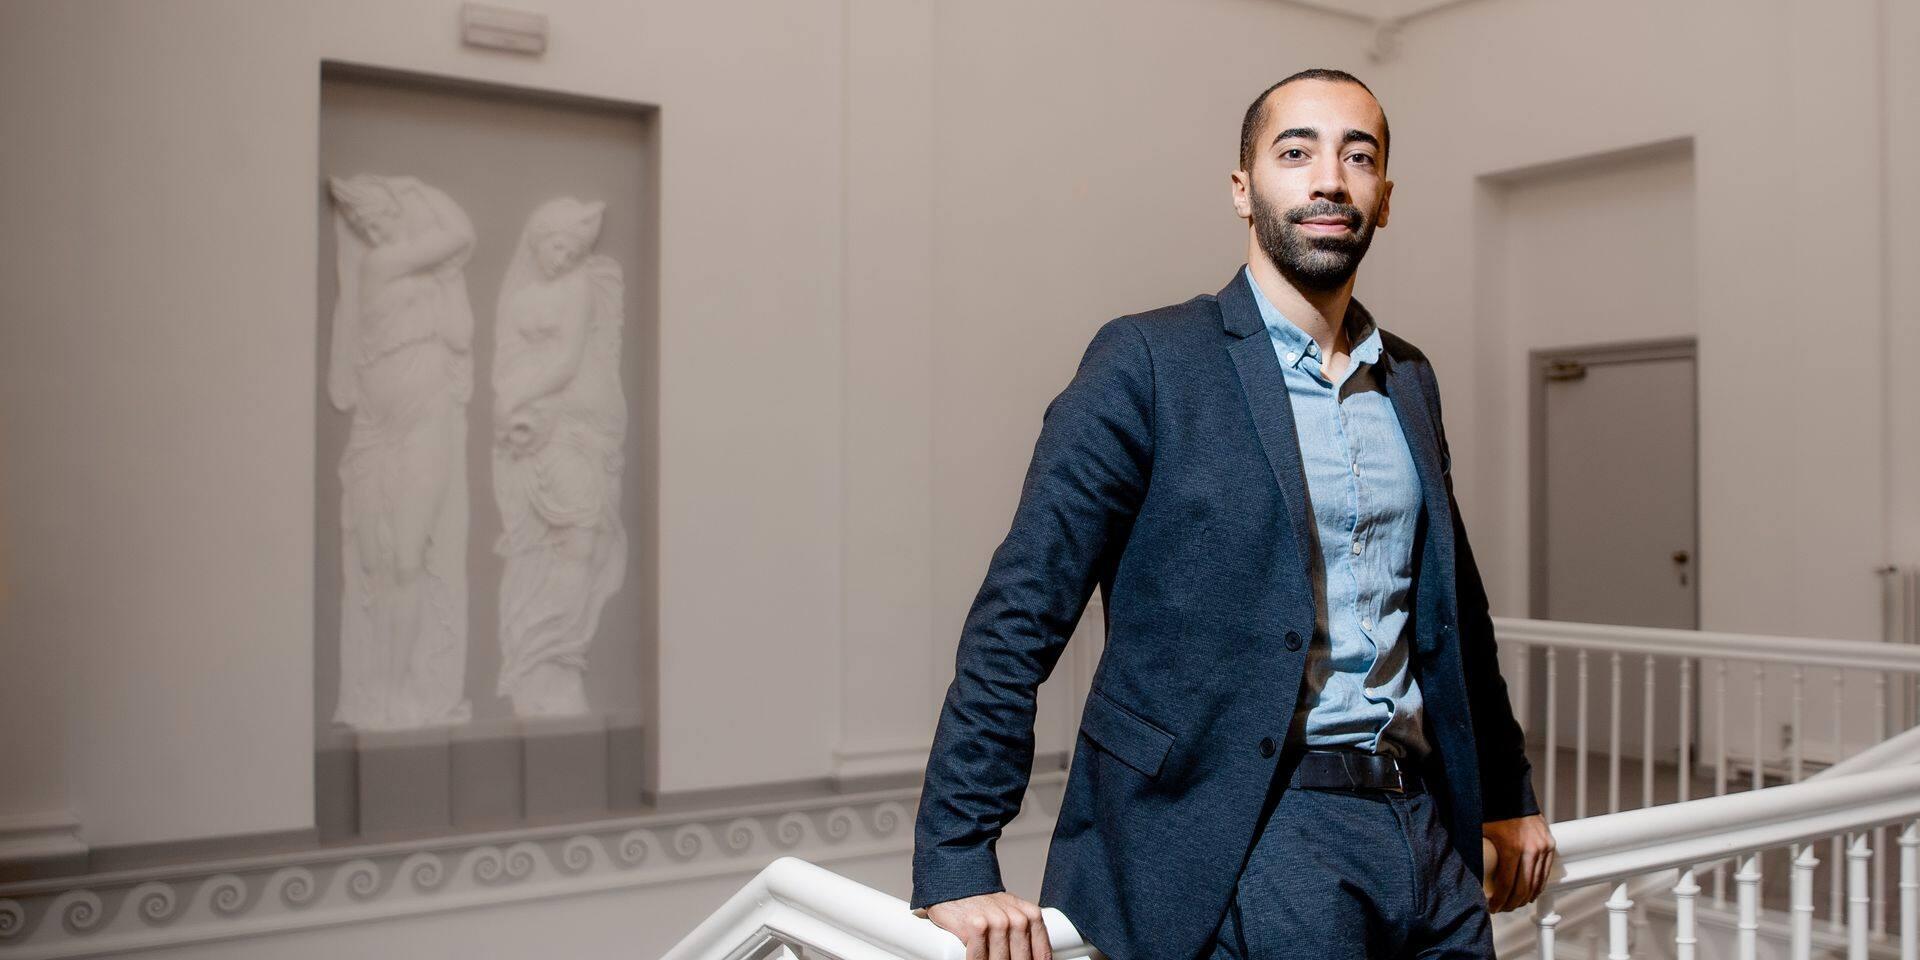 Bruxelles - Rue du Lambermont: Sammy Mahdi (CD&V) secretaire d'etat Asile et migration et charge de la loterie nationale au sein du gouvernement De Croo